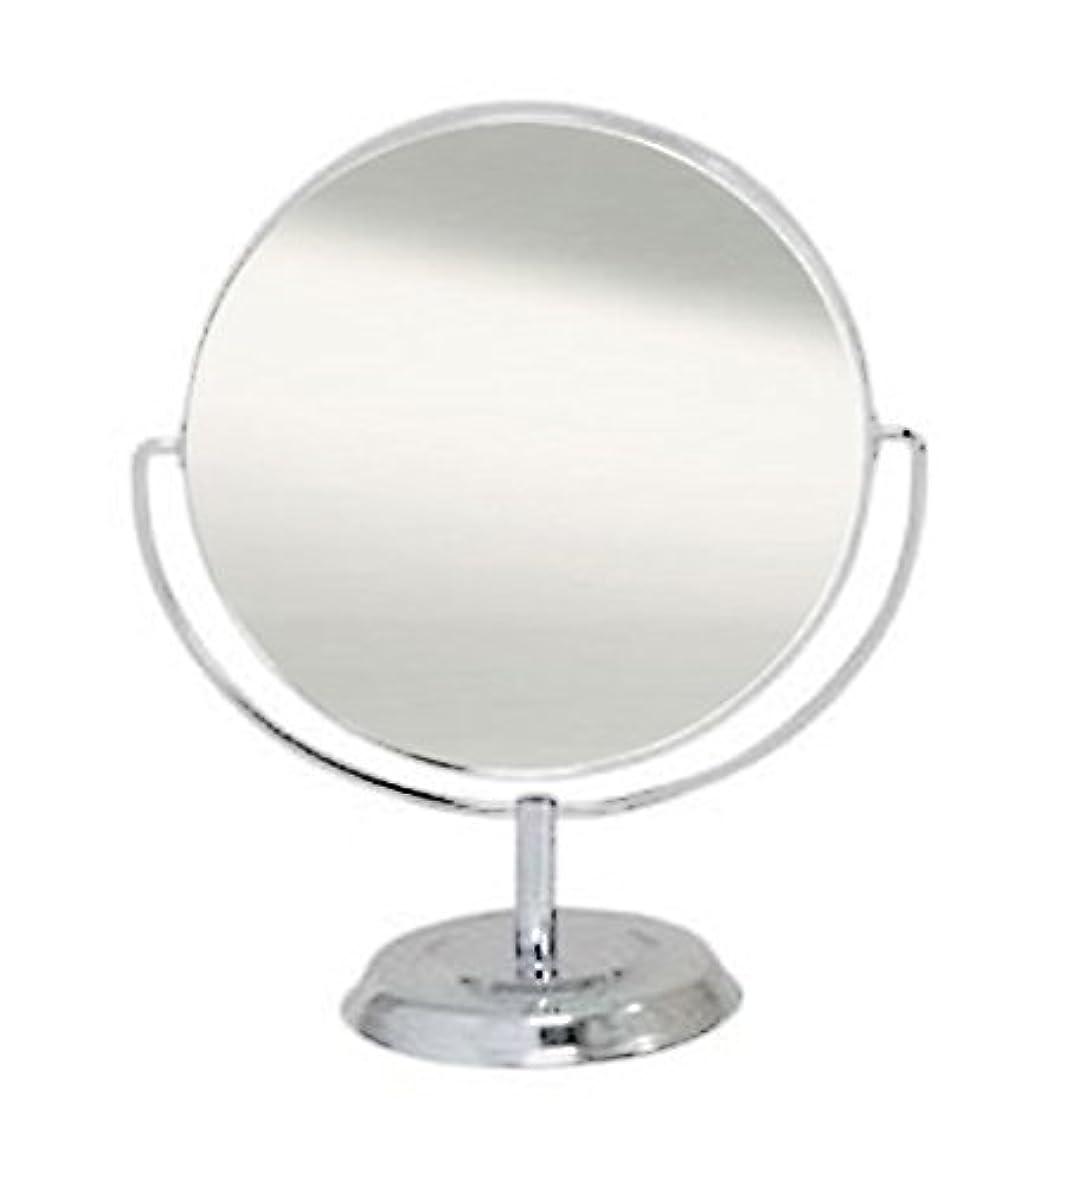 領事館迷彩パット鏡 卓上ミラー 丸型 両面 拡大鏡約2倍付 No.5860 シルバー